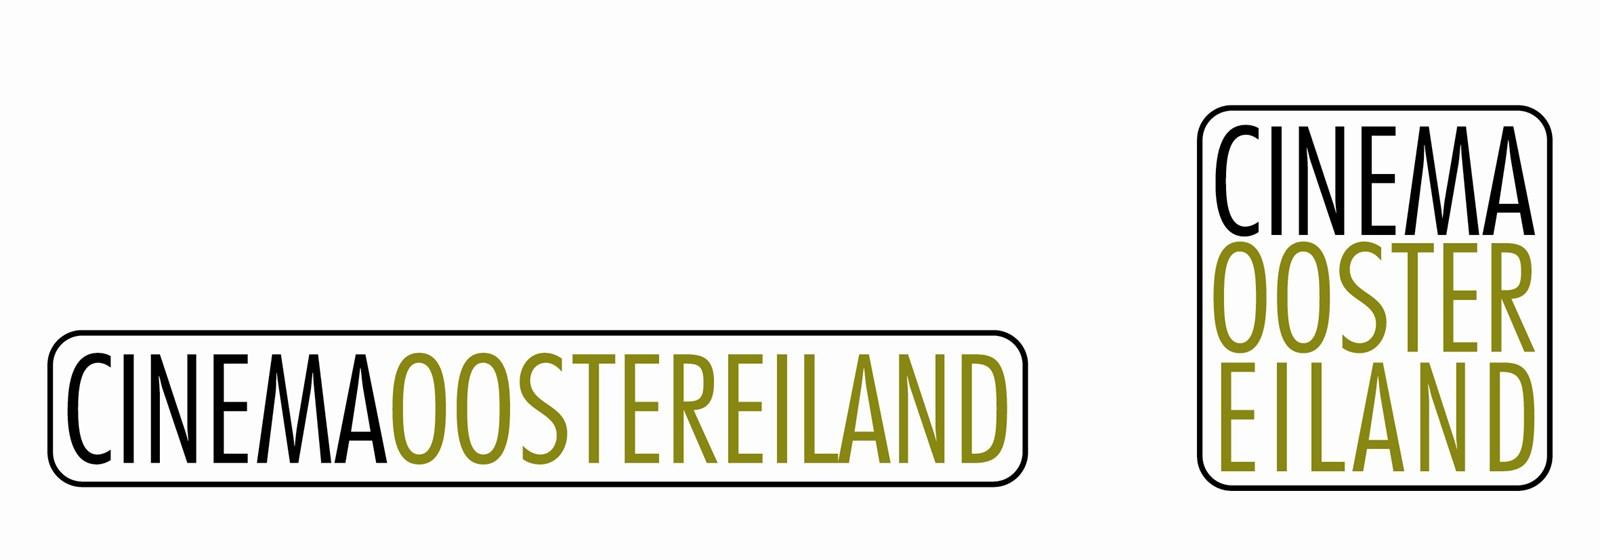 BEREIKBAARHEID  Cinema Oostereiland